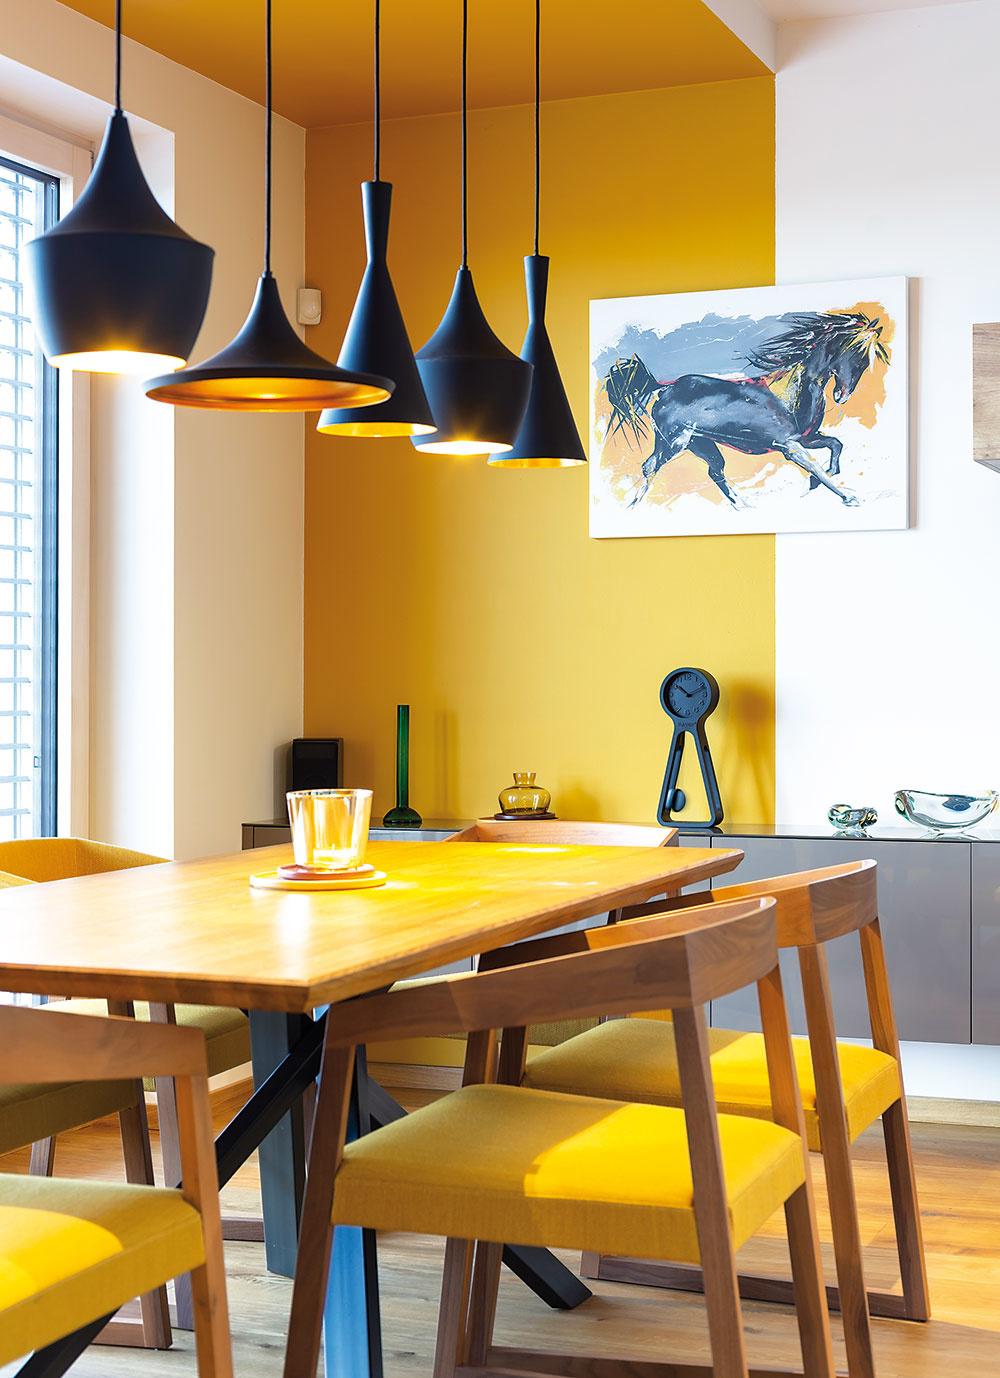 Obraz na stene udáva farebnosť jedálenskej časti.